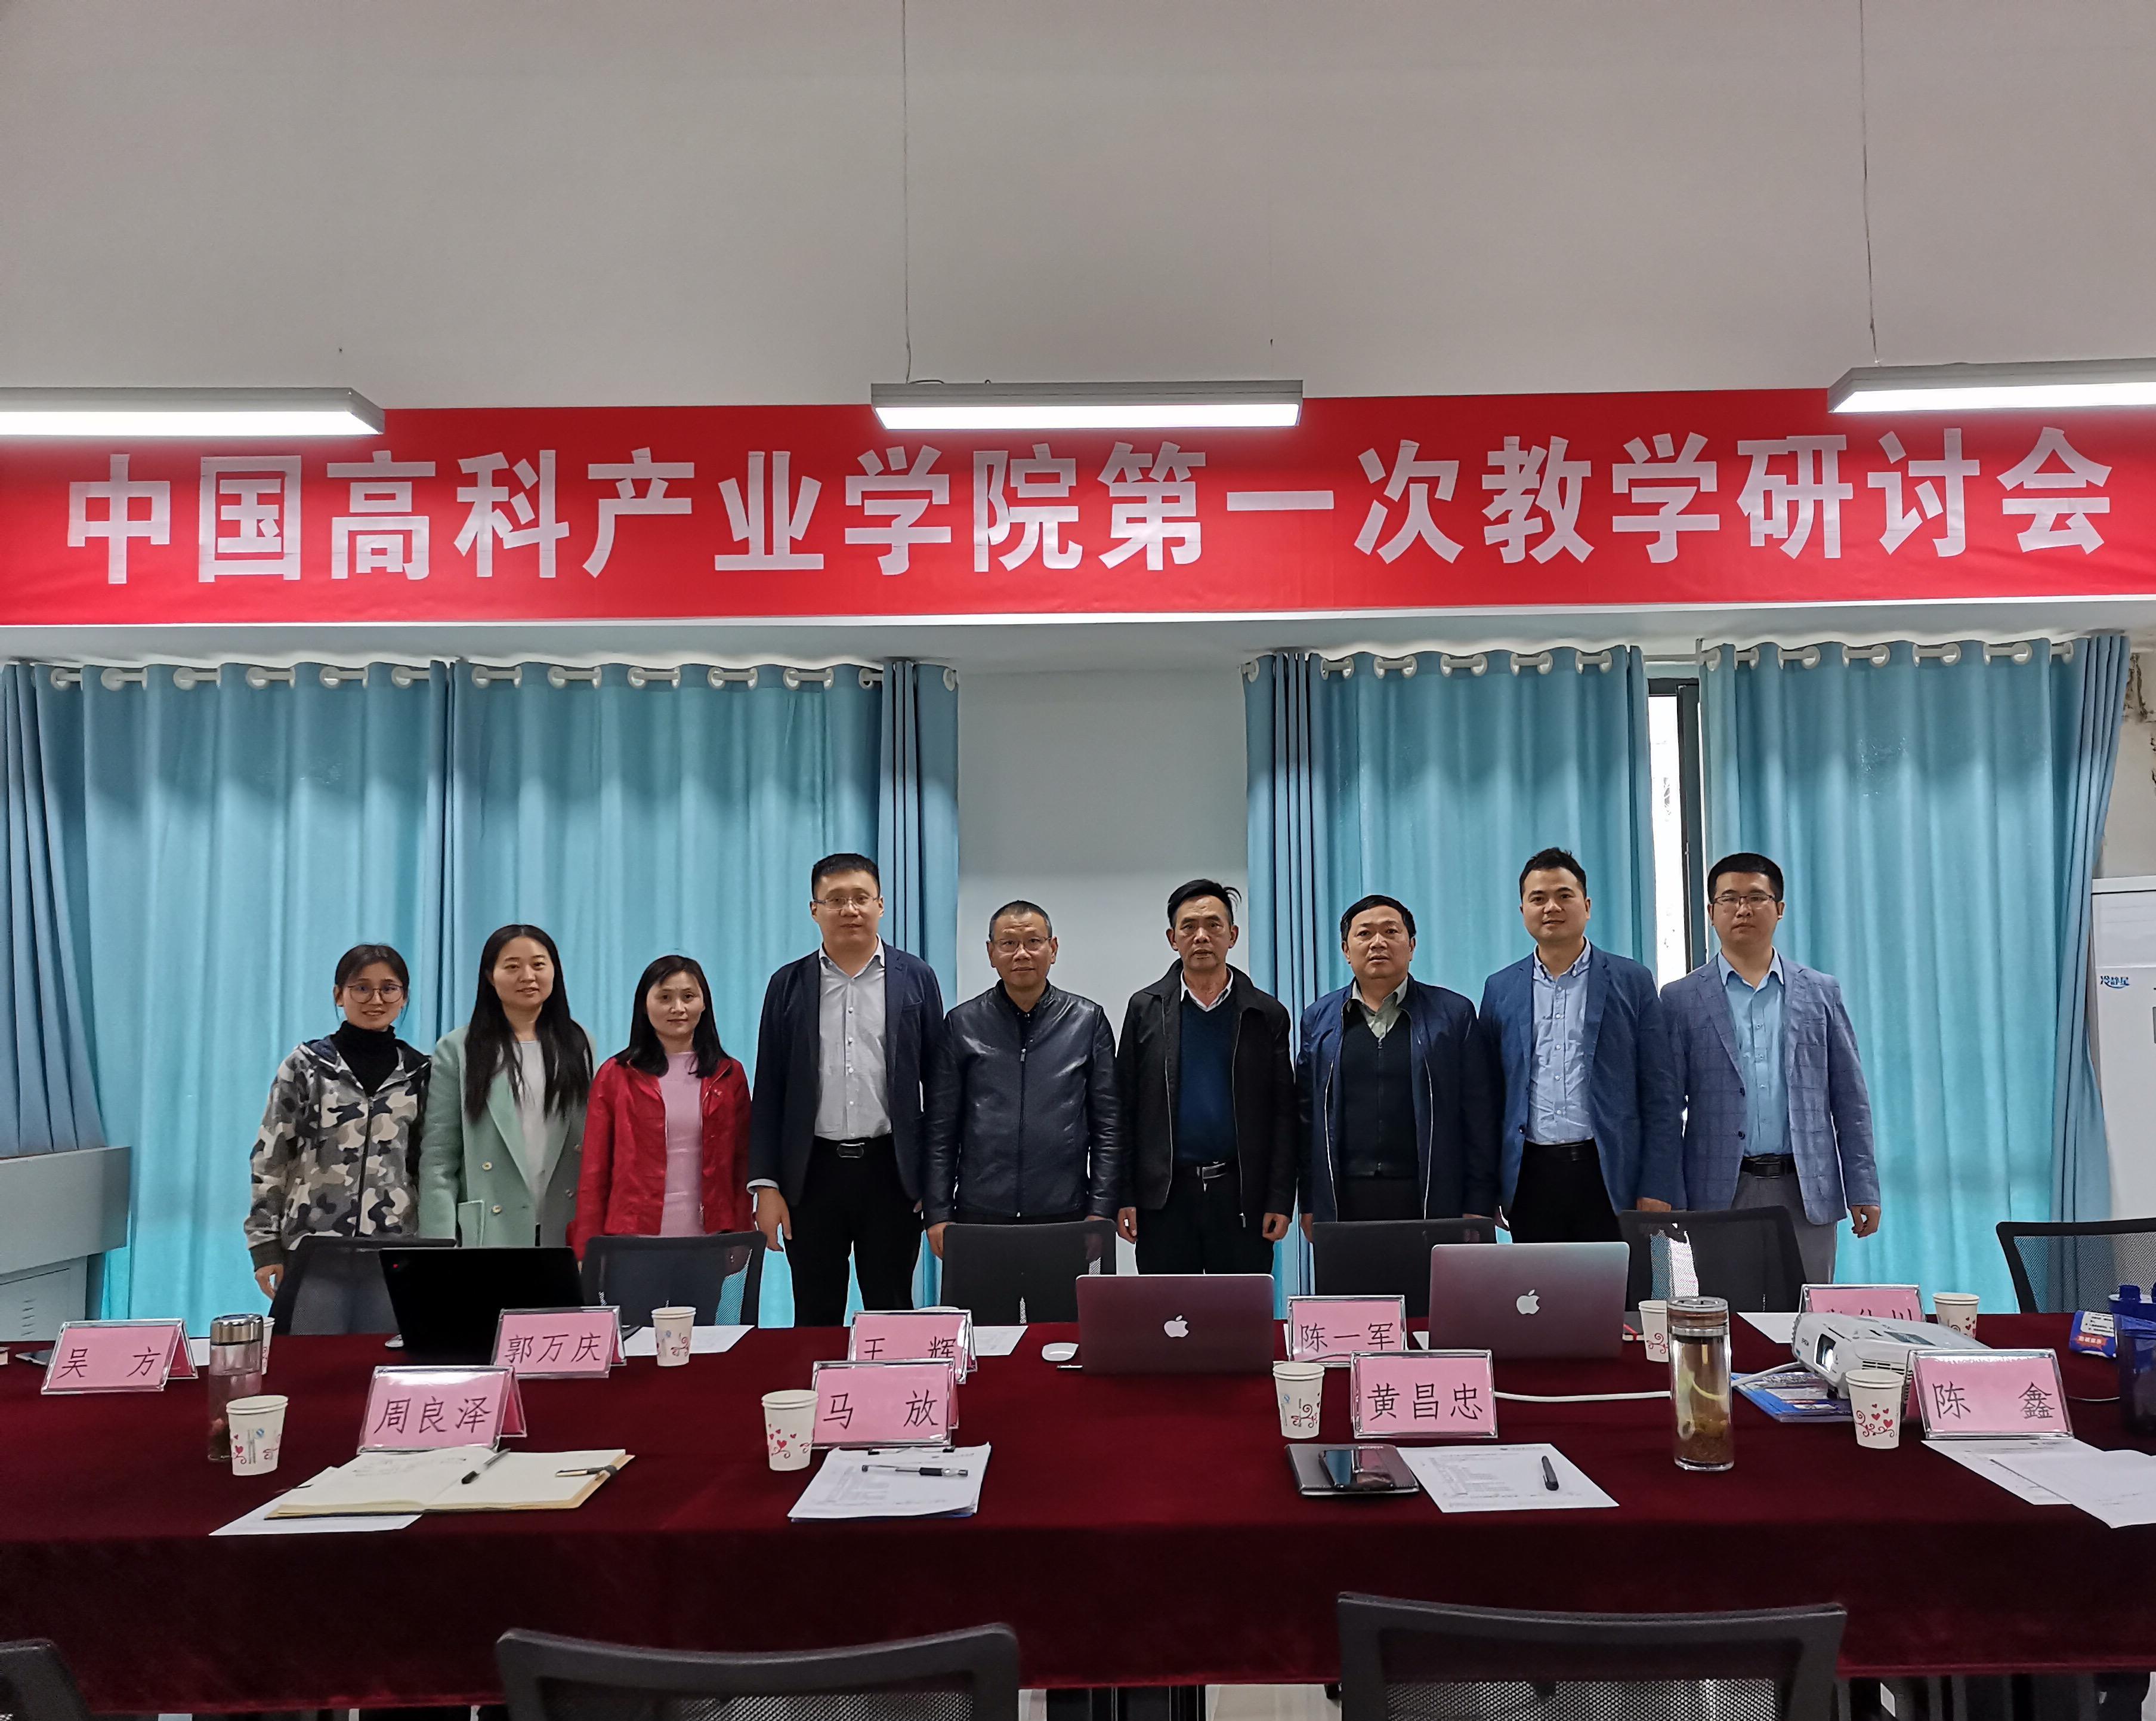 中国高科产业学院第一次教学研讨会